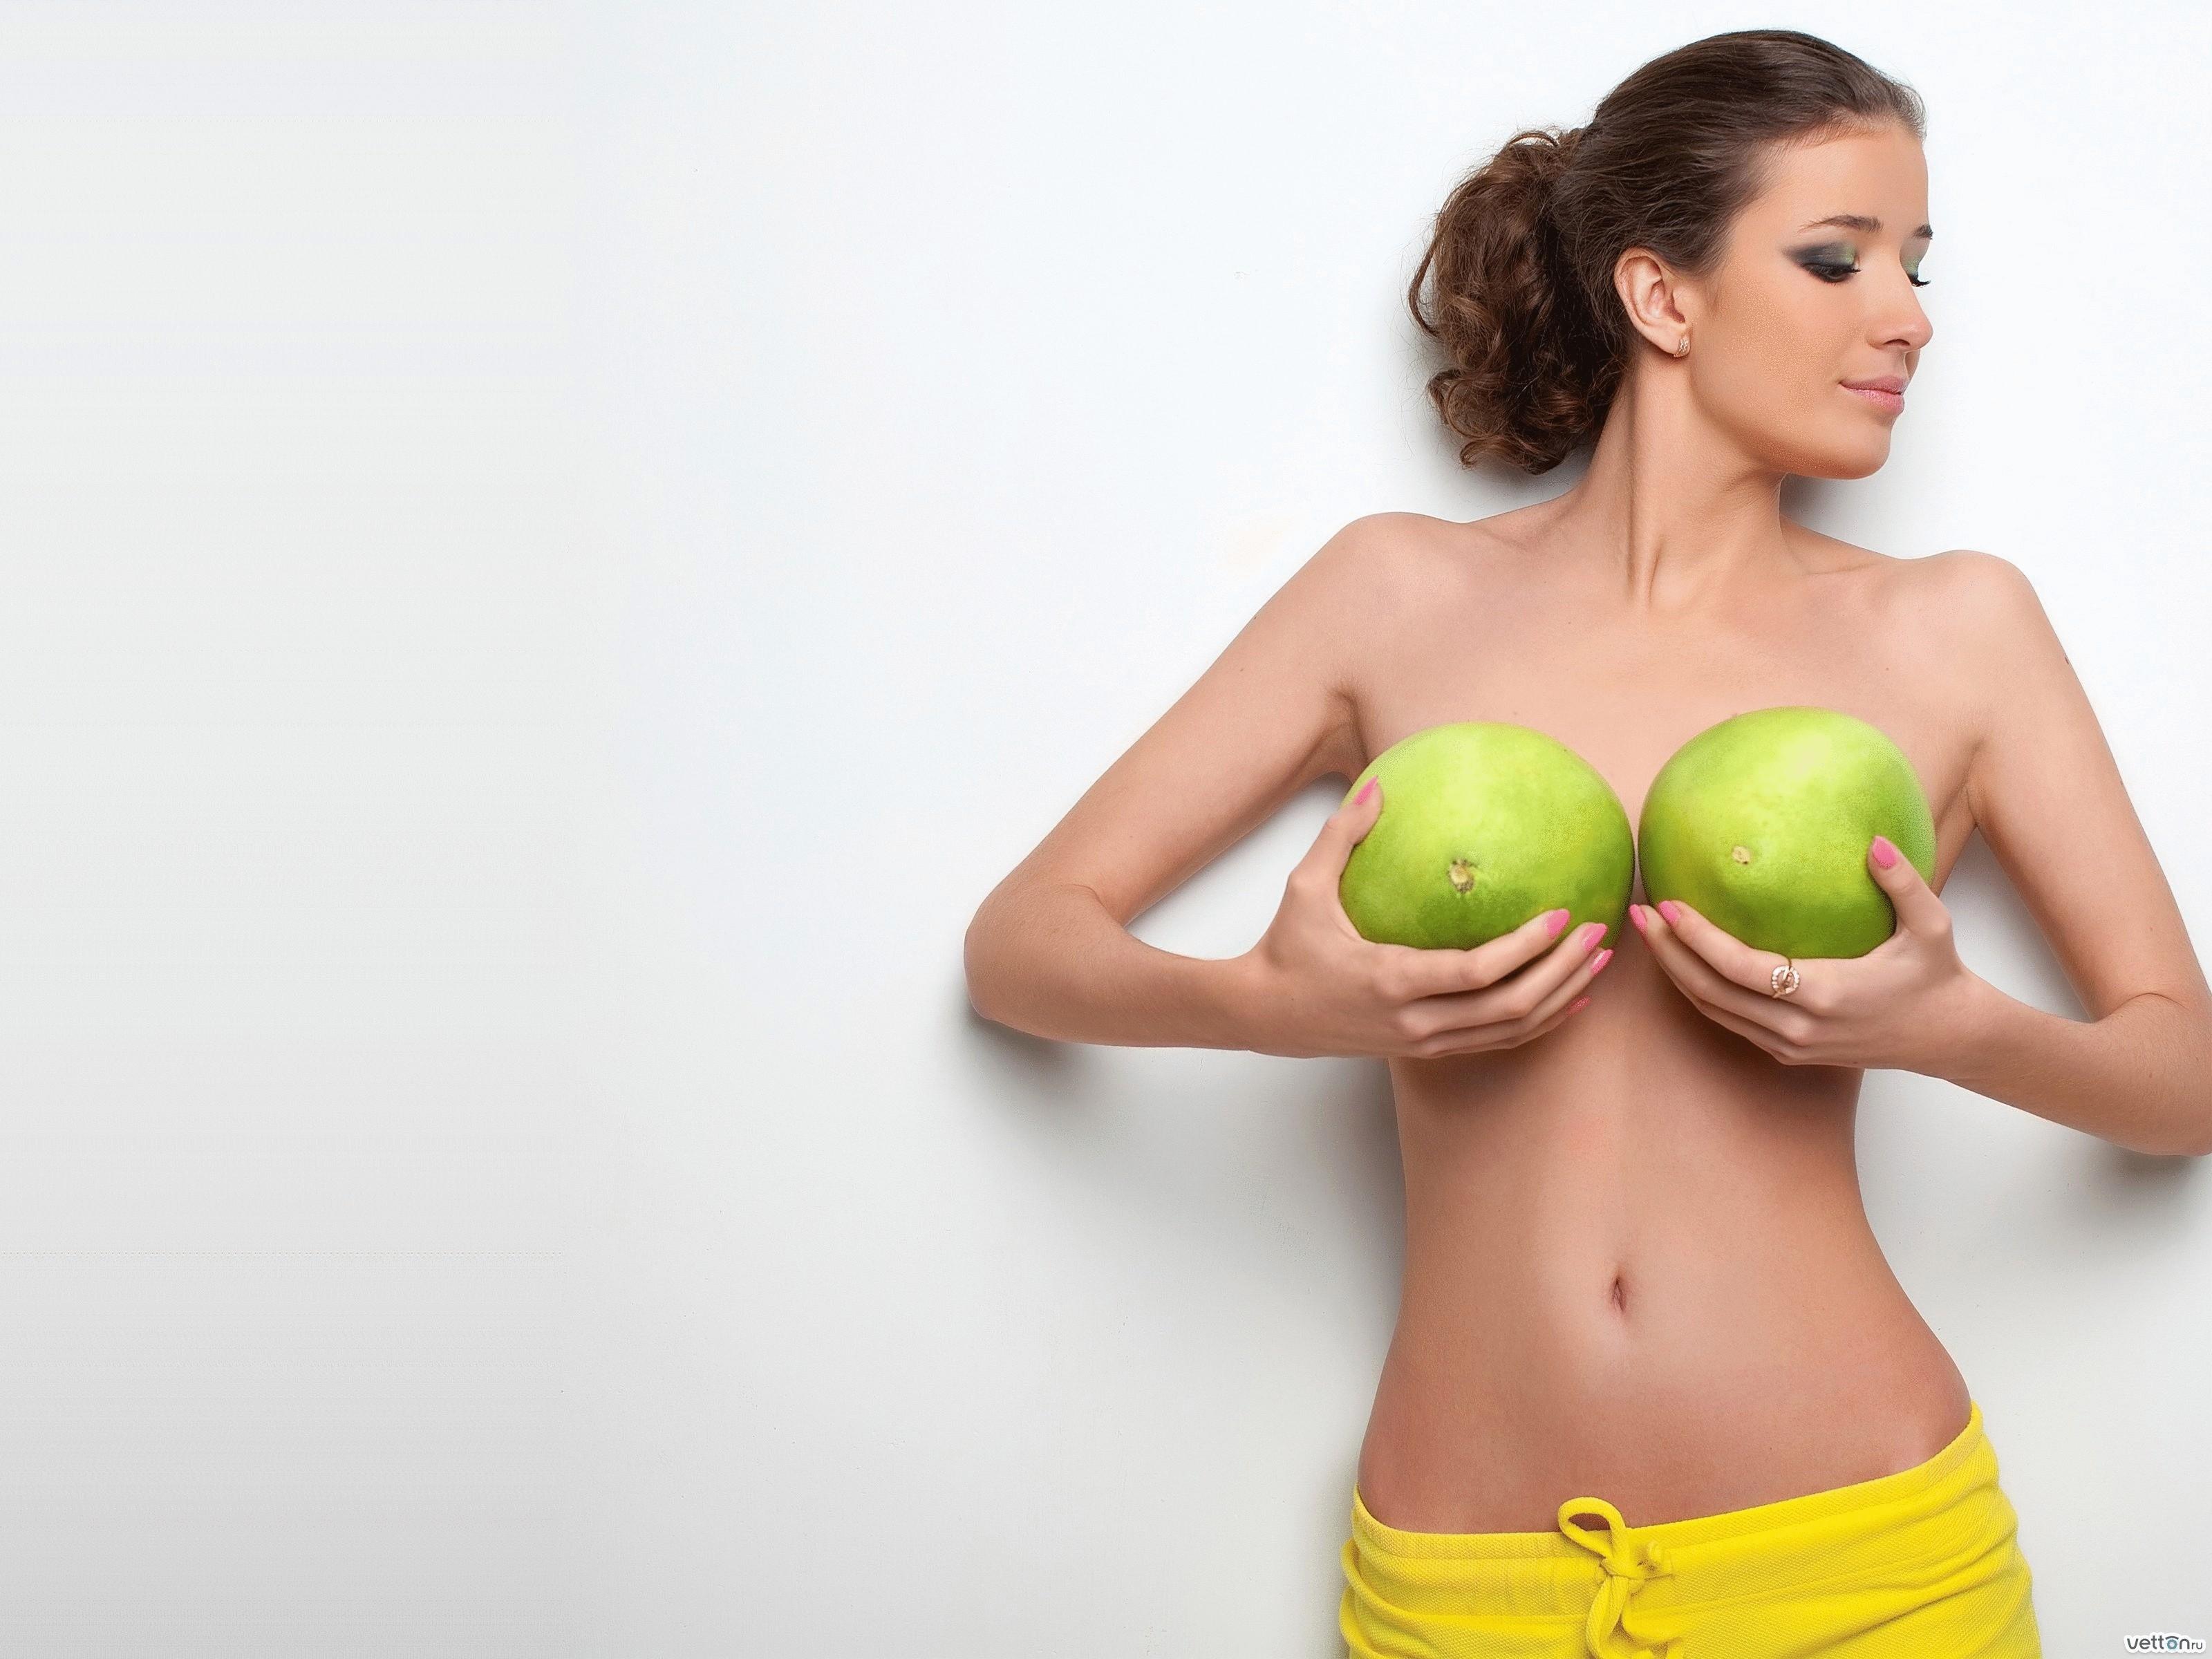 Фото молочной женской груди 18 фотография